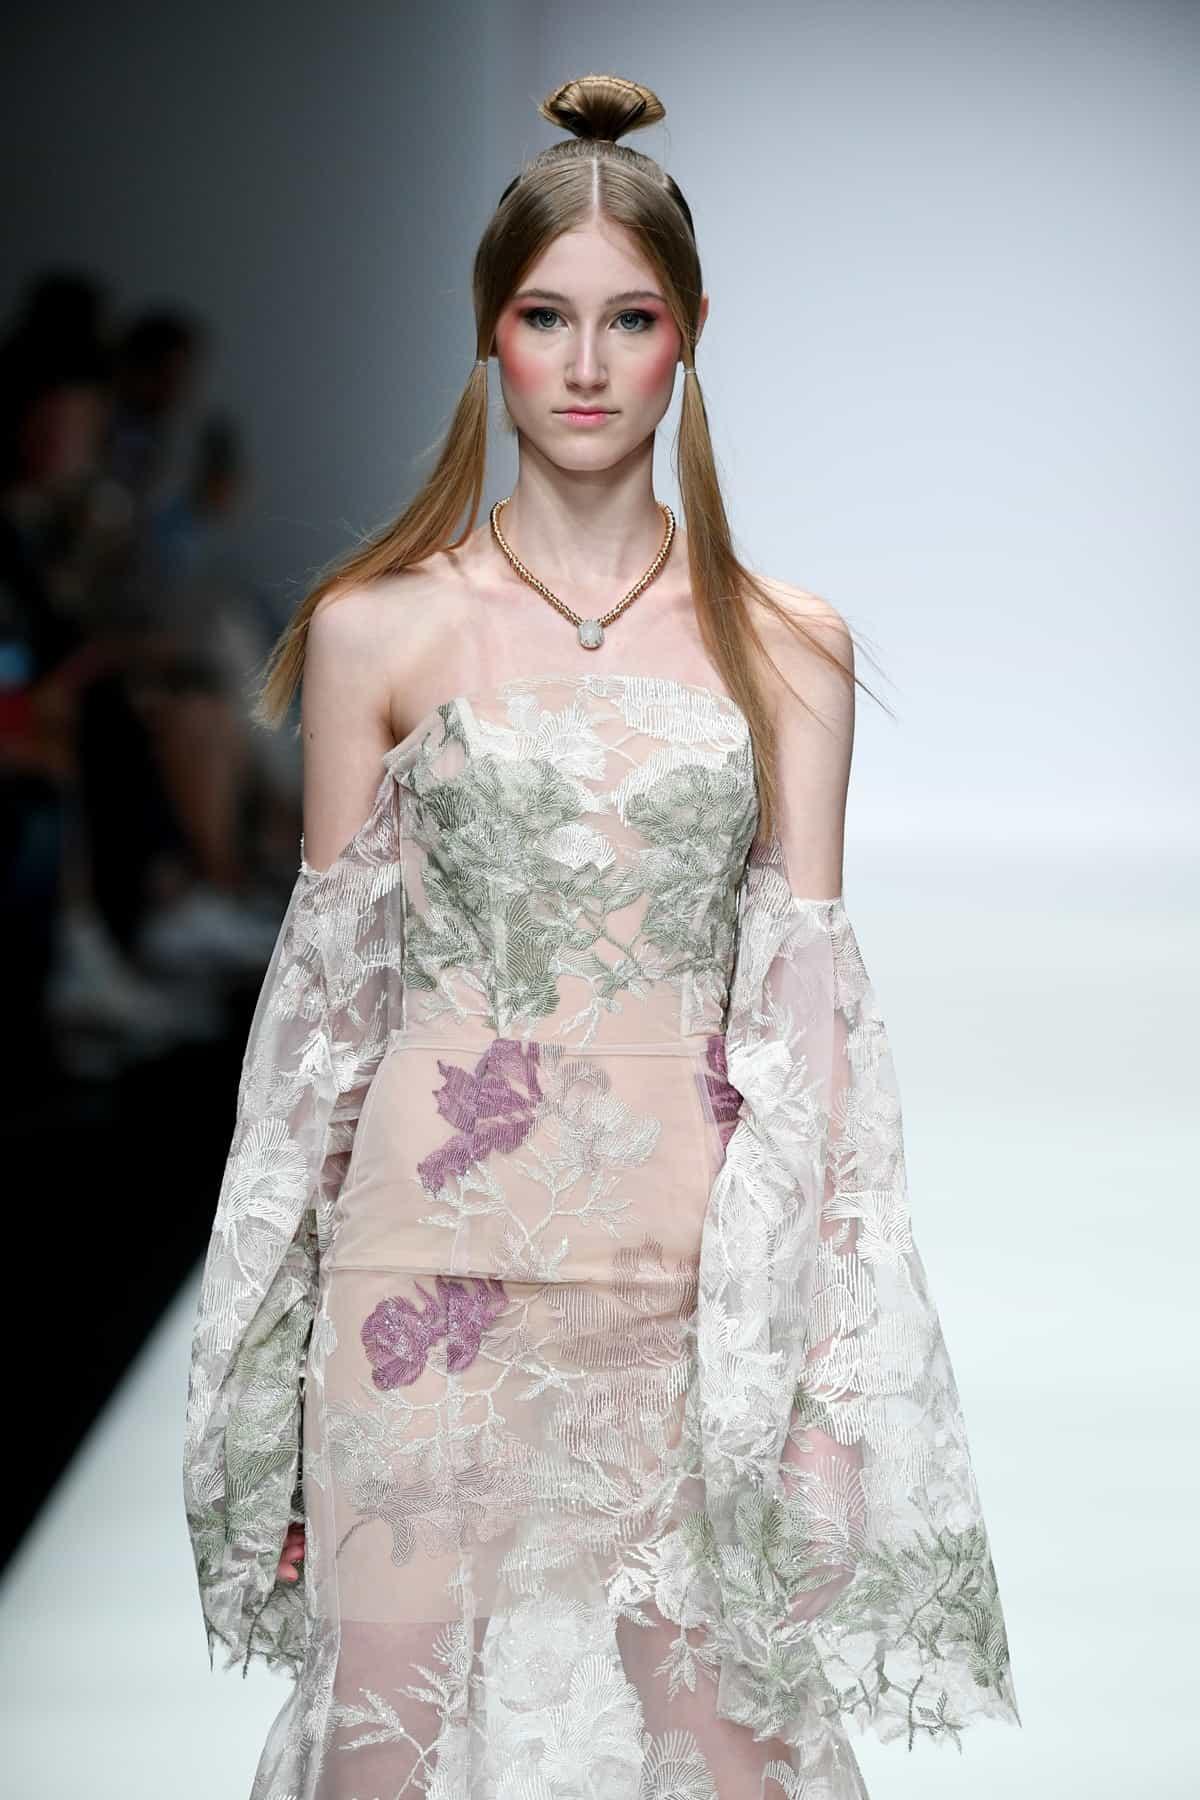 Sommerkleider 2020 von Lana Mueller zur MBFW auf der Fashion Week Berlin Juli 2019 - 3